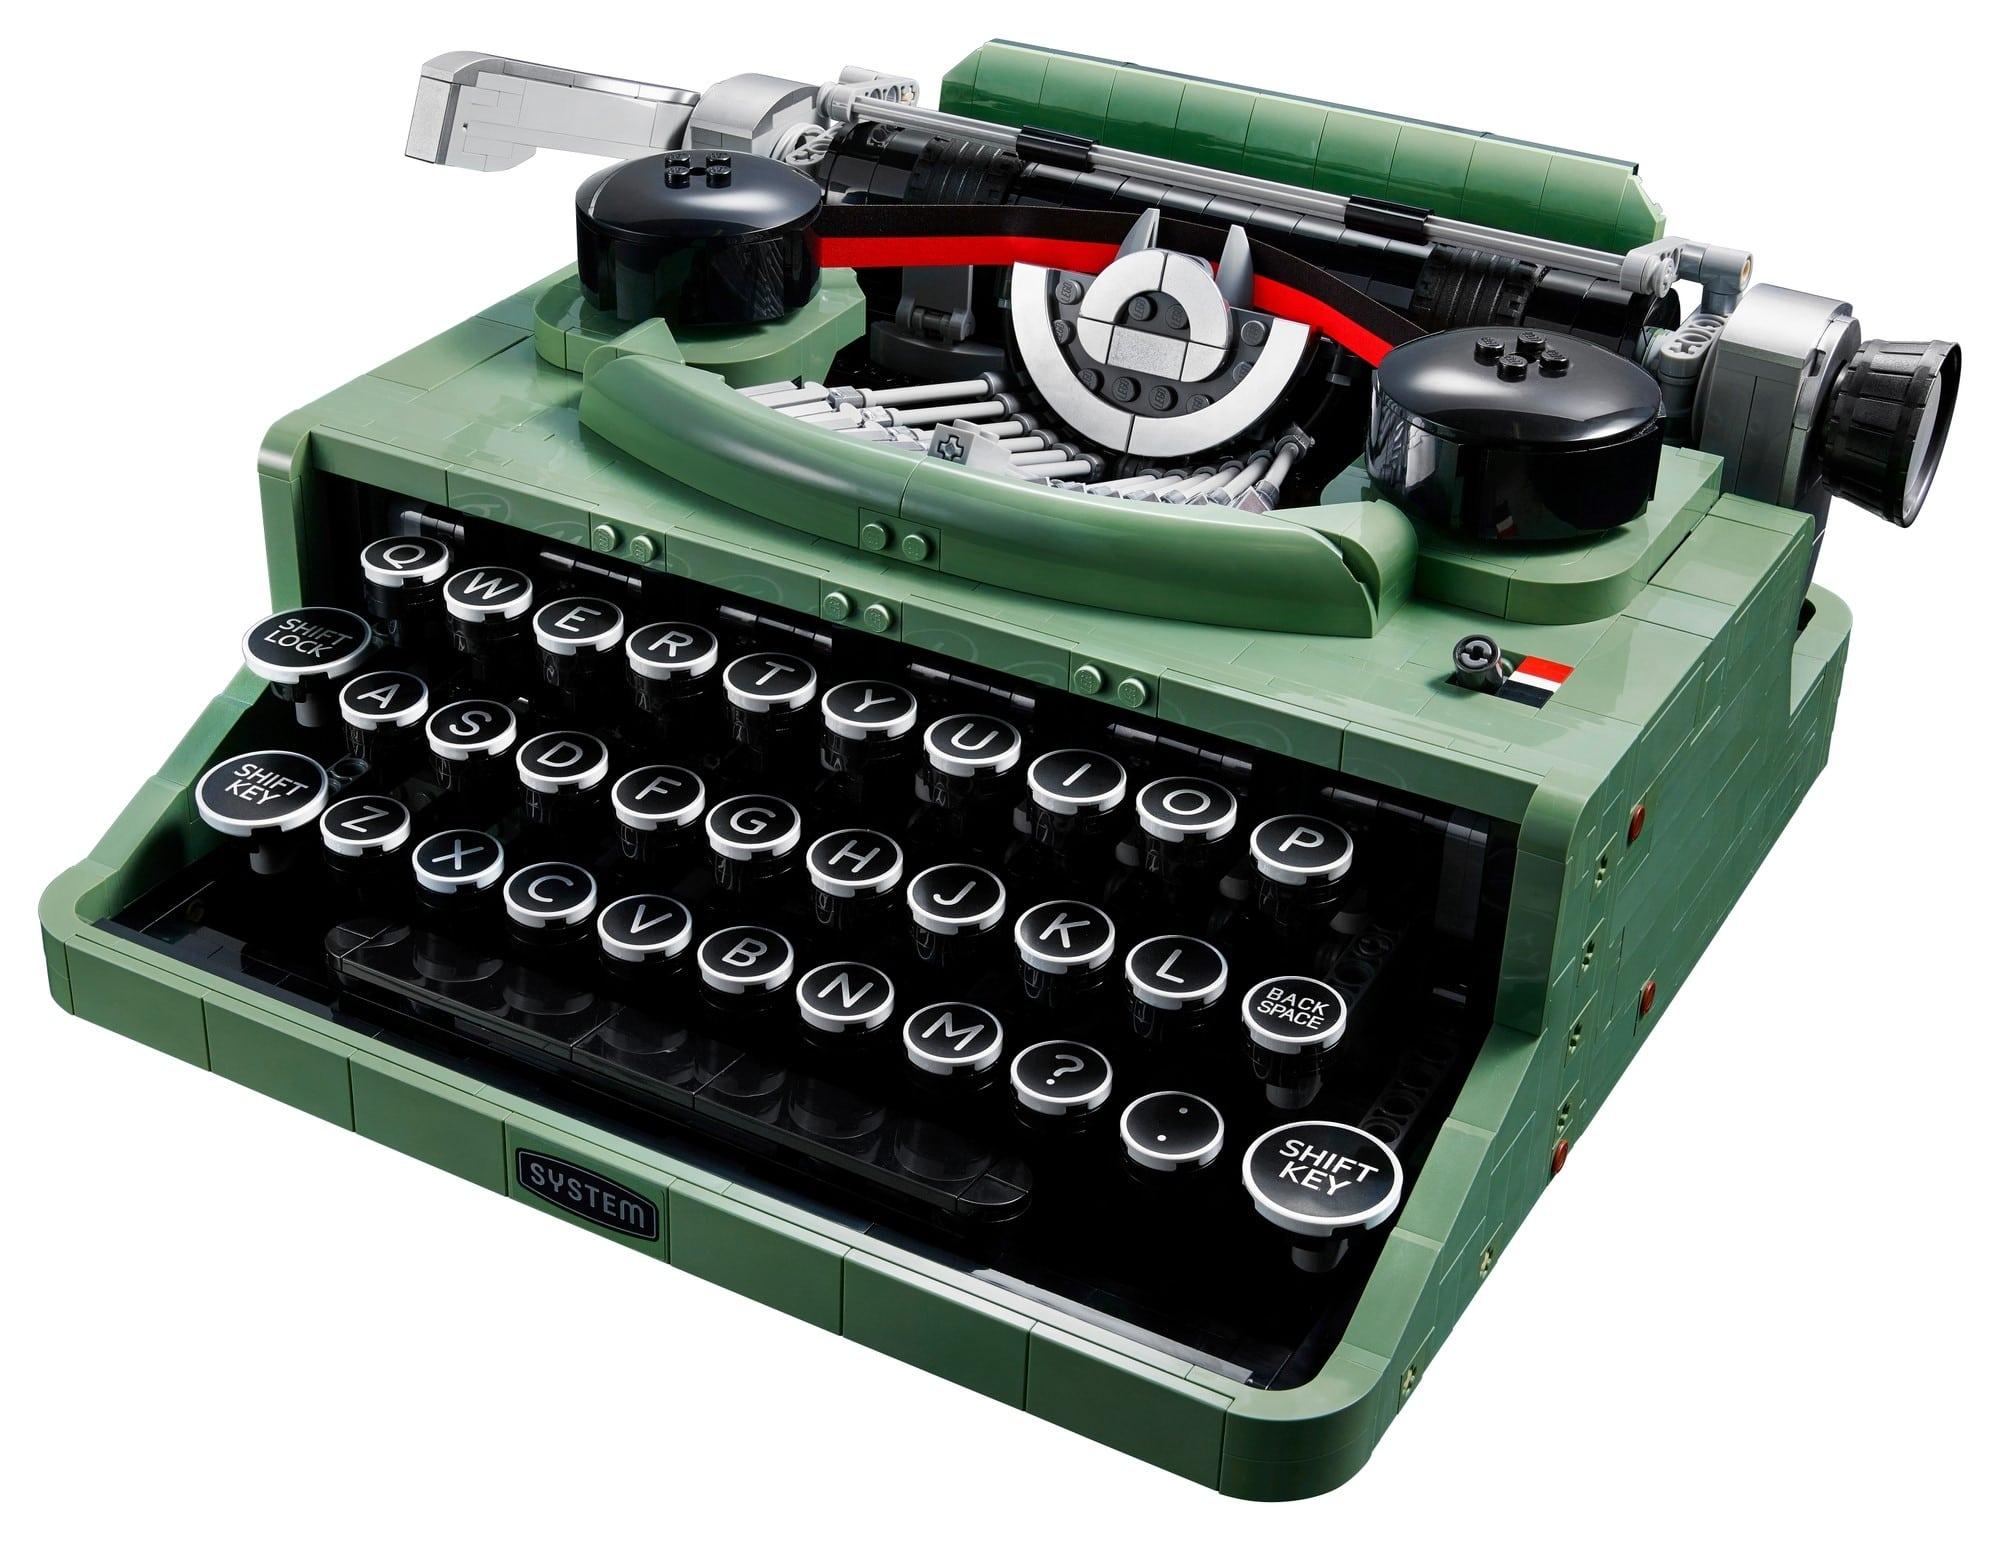 LEGO Ideas 21327 Schreibmaschine 4